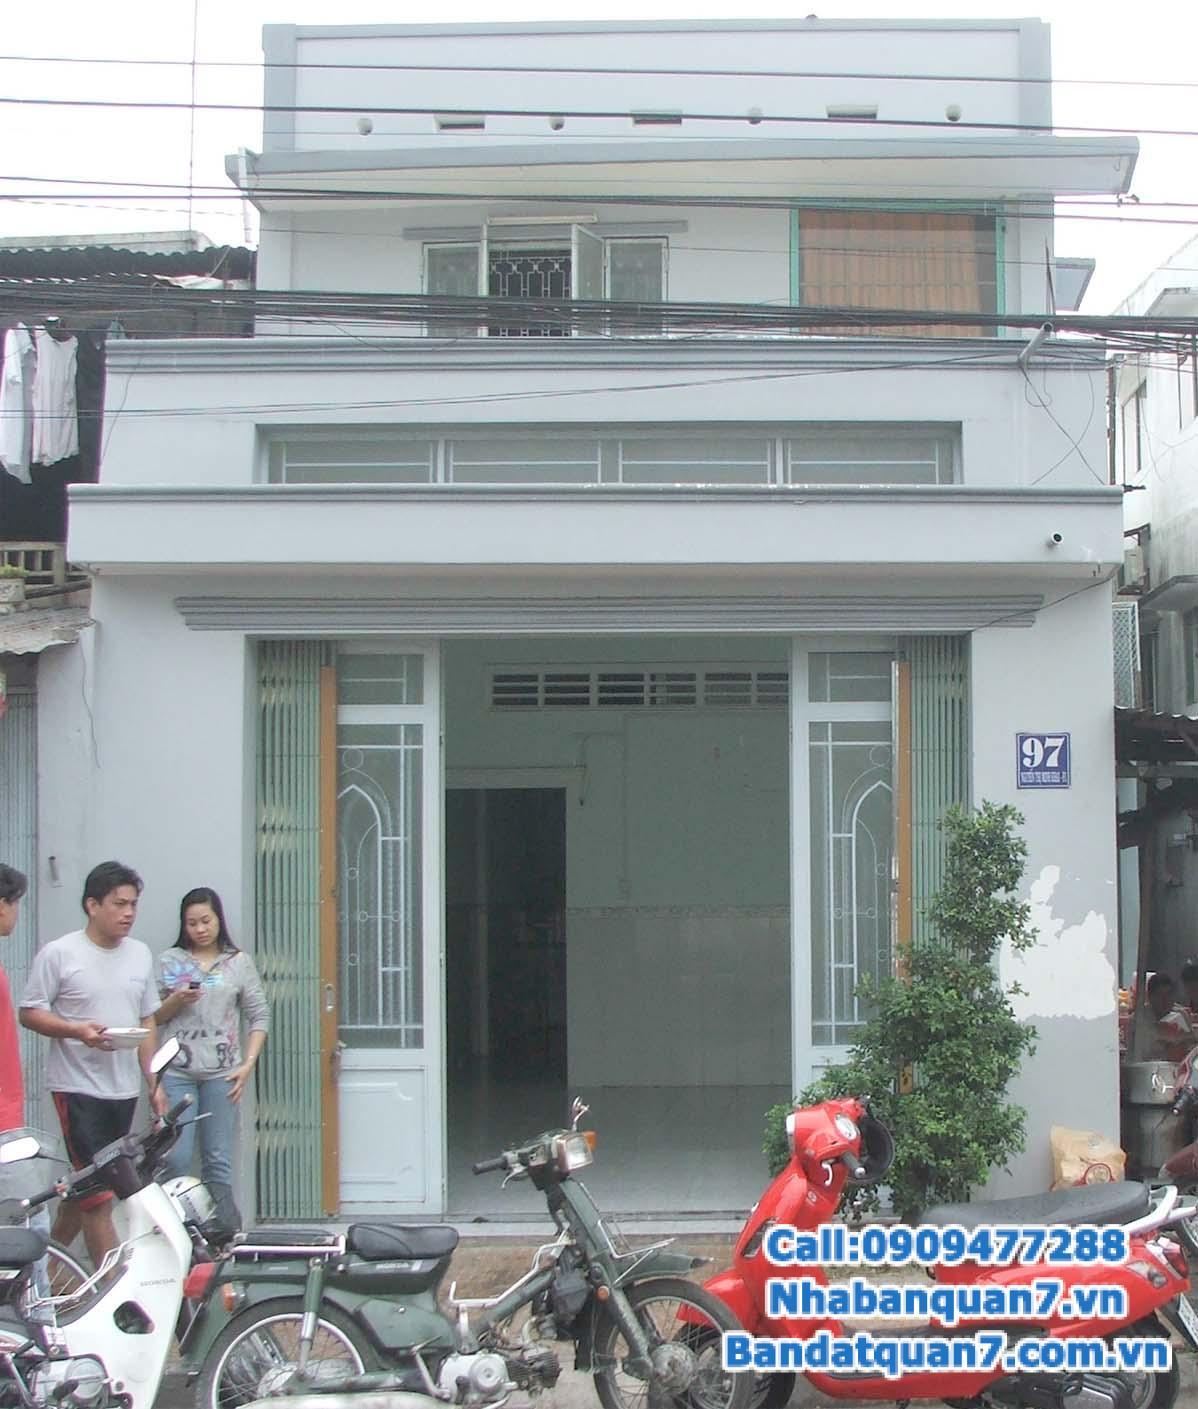 Bán nhà mặt tiền đường dự án Tân An Huy 1 ha, P. Tân Phong, Quận 7